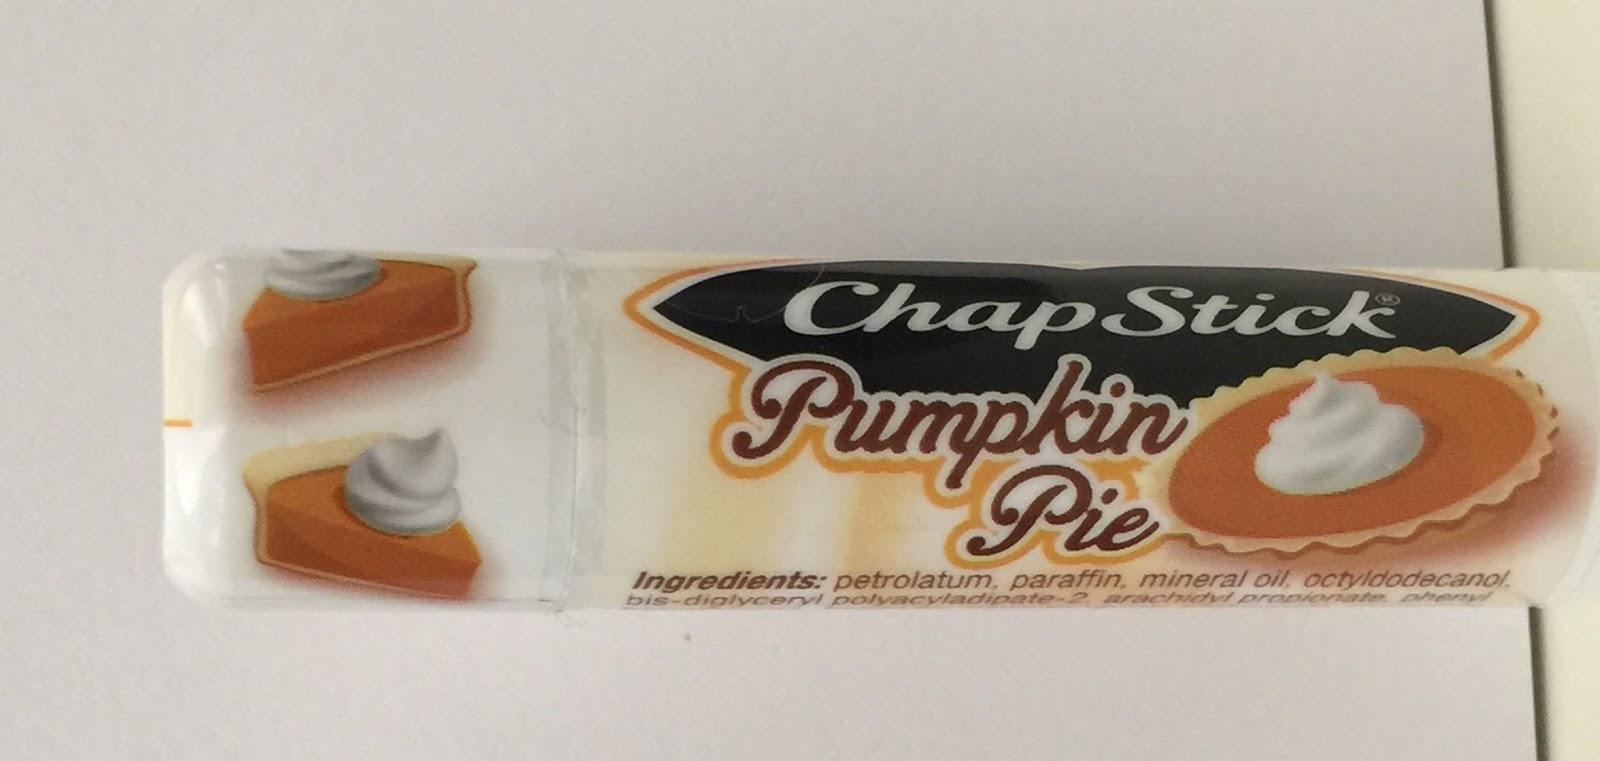 pumpkin pie chapstick